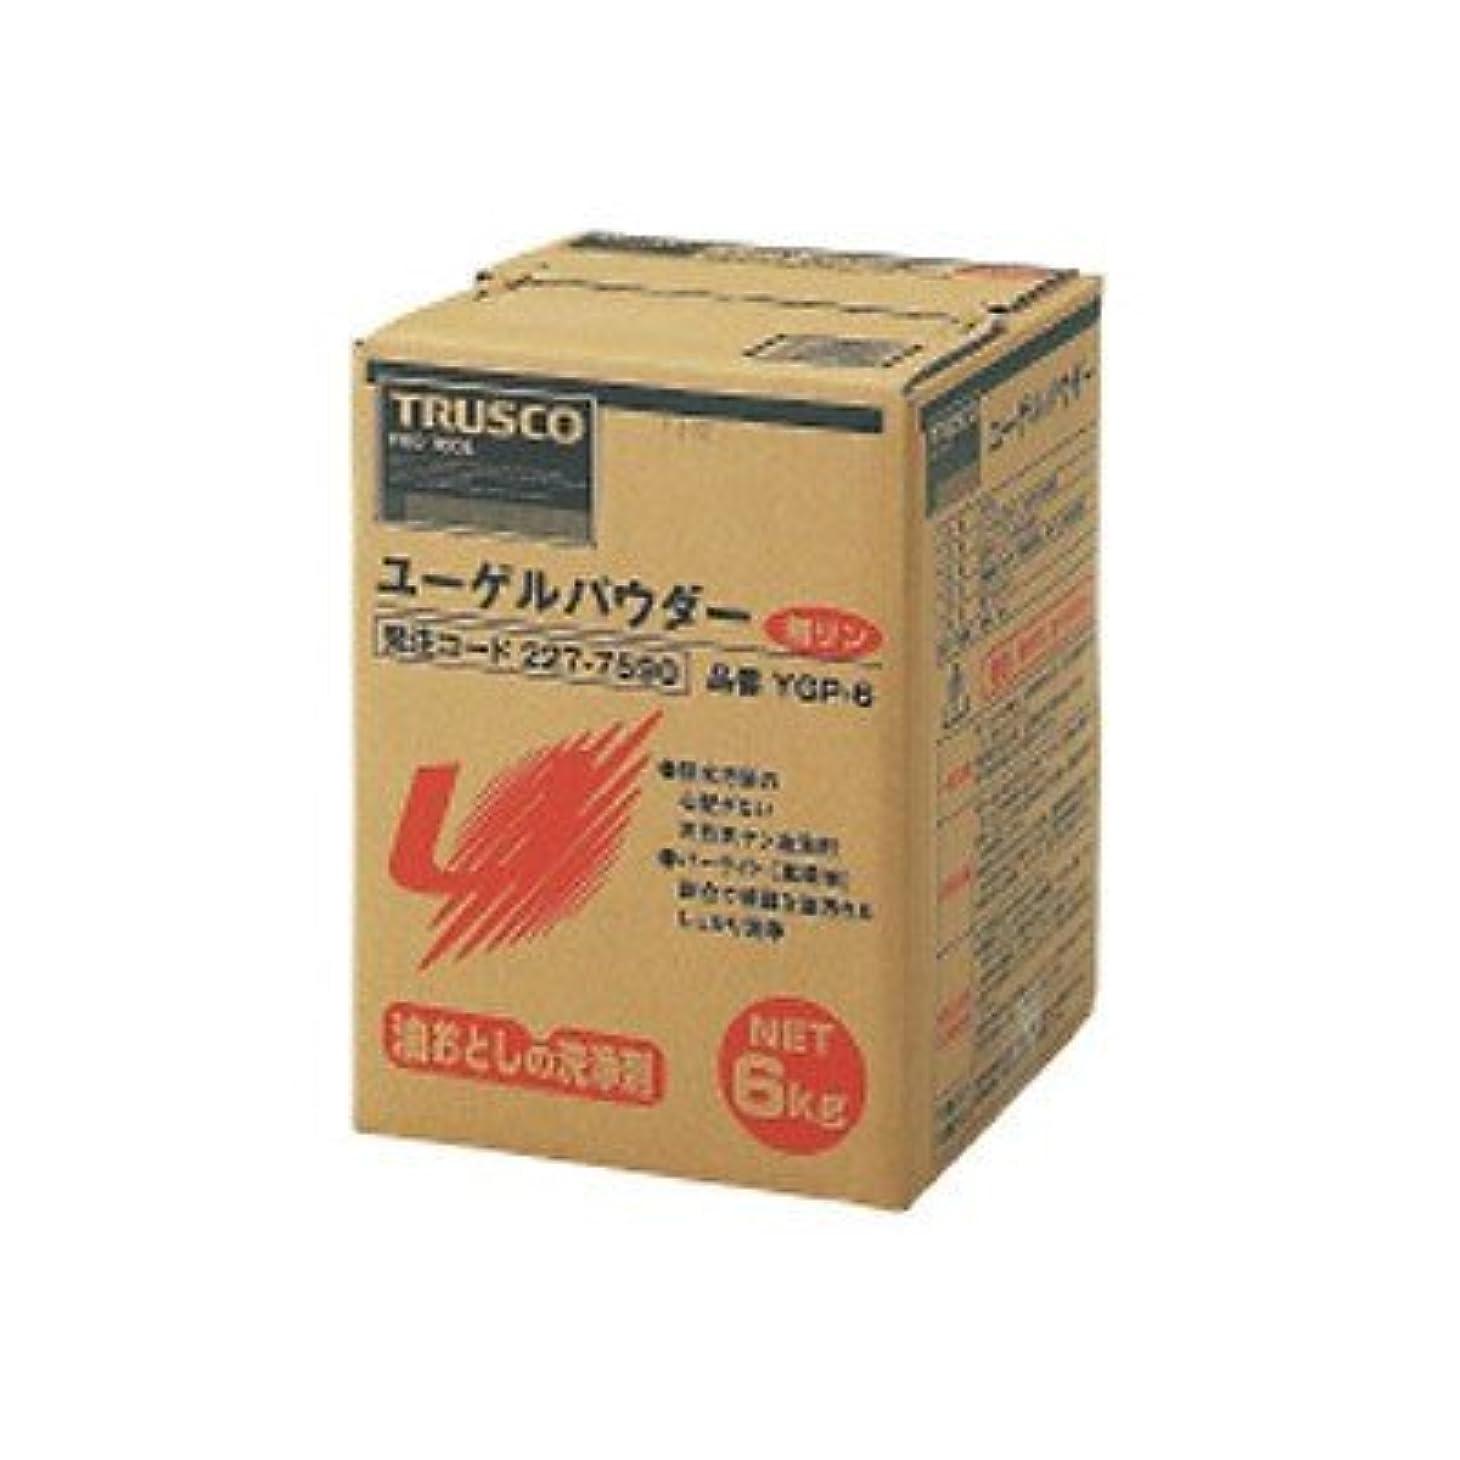 冷える楽しませる繊毛ユーゲルパウダー 1箱6kg 品番:YGP-6 注文番号:57420301 メーカー:トラスコ中山